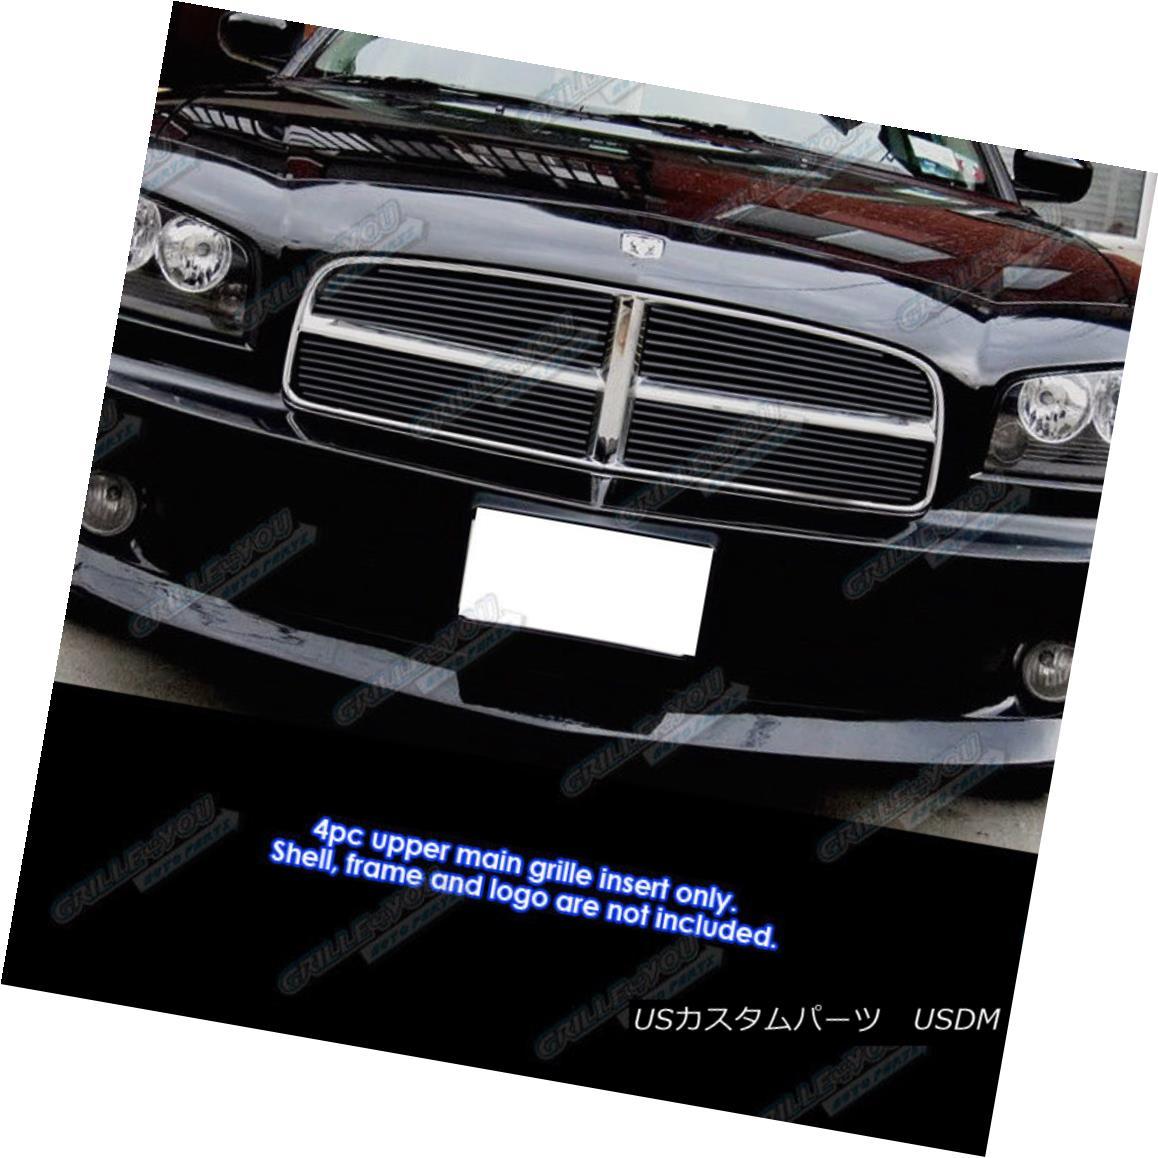 グリル For 2005-2010 Dodge Charger Honeycomb Style Black Billet Grille Grill Insert 2005-2010年ダッジチャージャーハニカムスタイルブラックビレットグリルグリルインサート